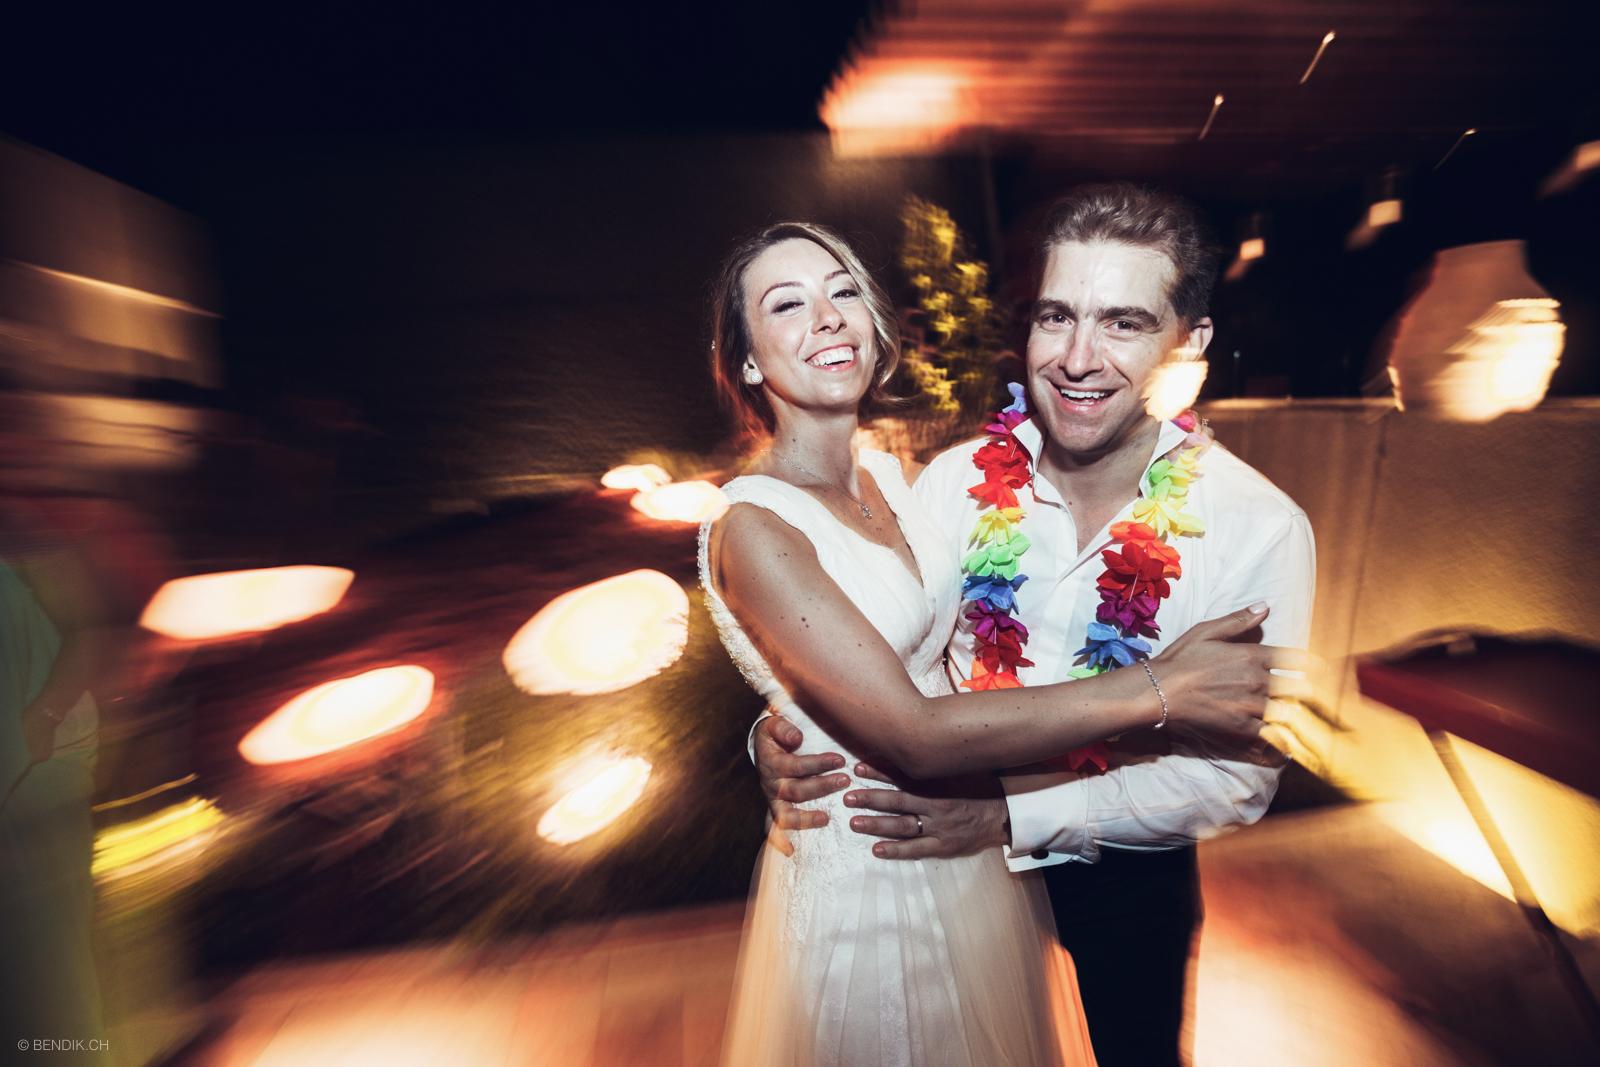 wedding_photoshoot_pinar_tolga20150913_084